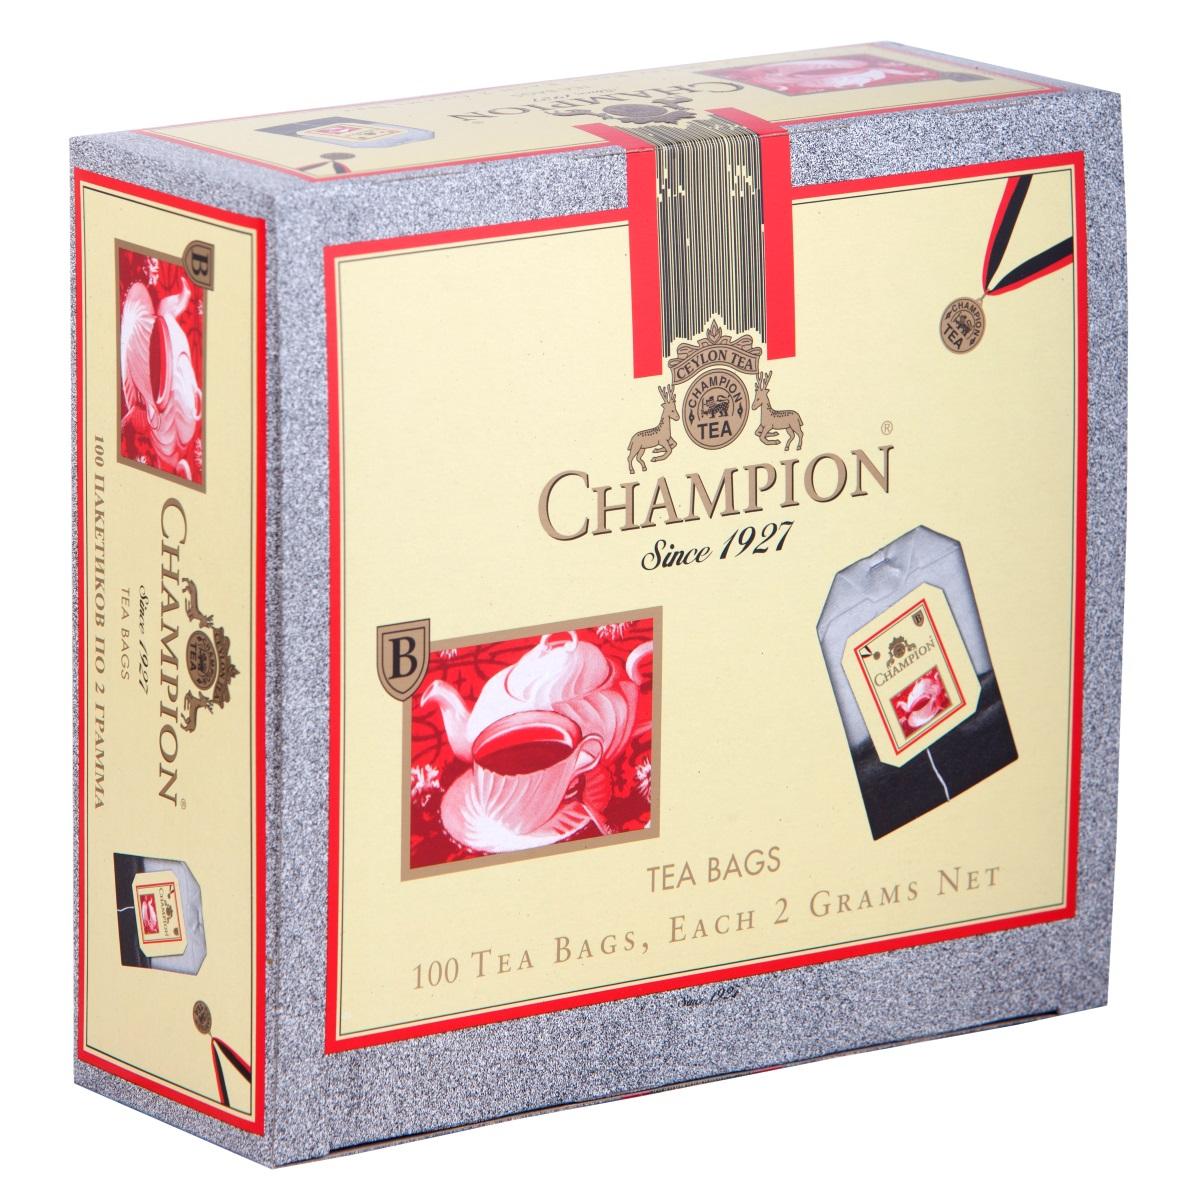 Champion черный листовой чай в пакетиках, 100 шт101246Чай Чемпион с богатым вкусом, дает возможность любителям оценить настоящий вкус напитка. В его состав входит смесь лучших сортов из Индии, Цейлона и Кении.